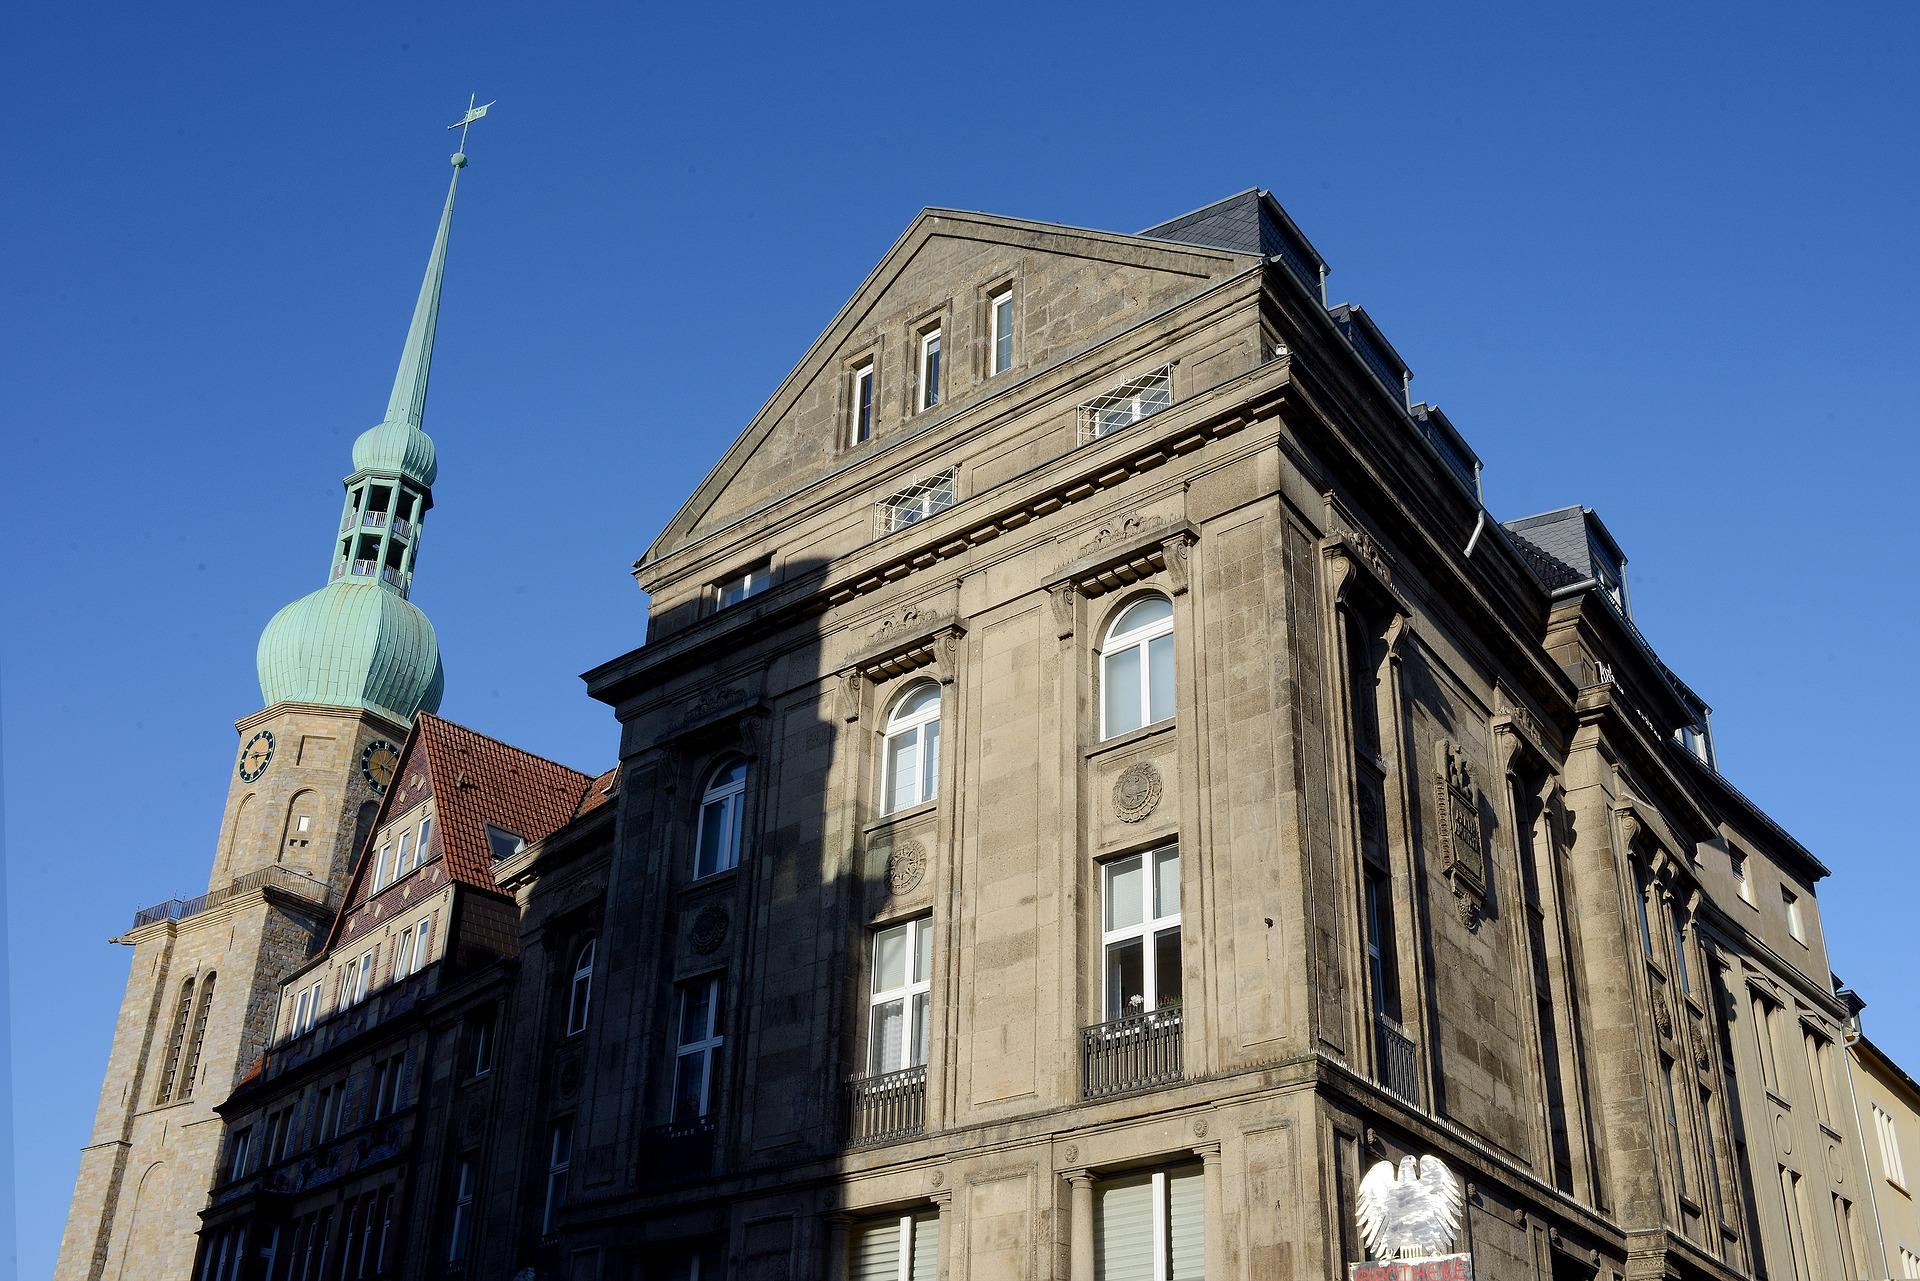 Urteil aus Dortmund gegen die Signal Iduna bestätigt Unwirksamkeit der Anpassungsklausel eines weiteren privaten Krankenversicherers